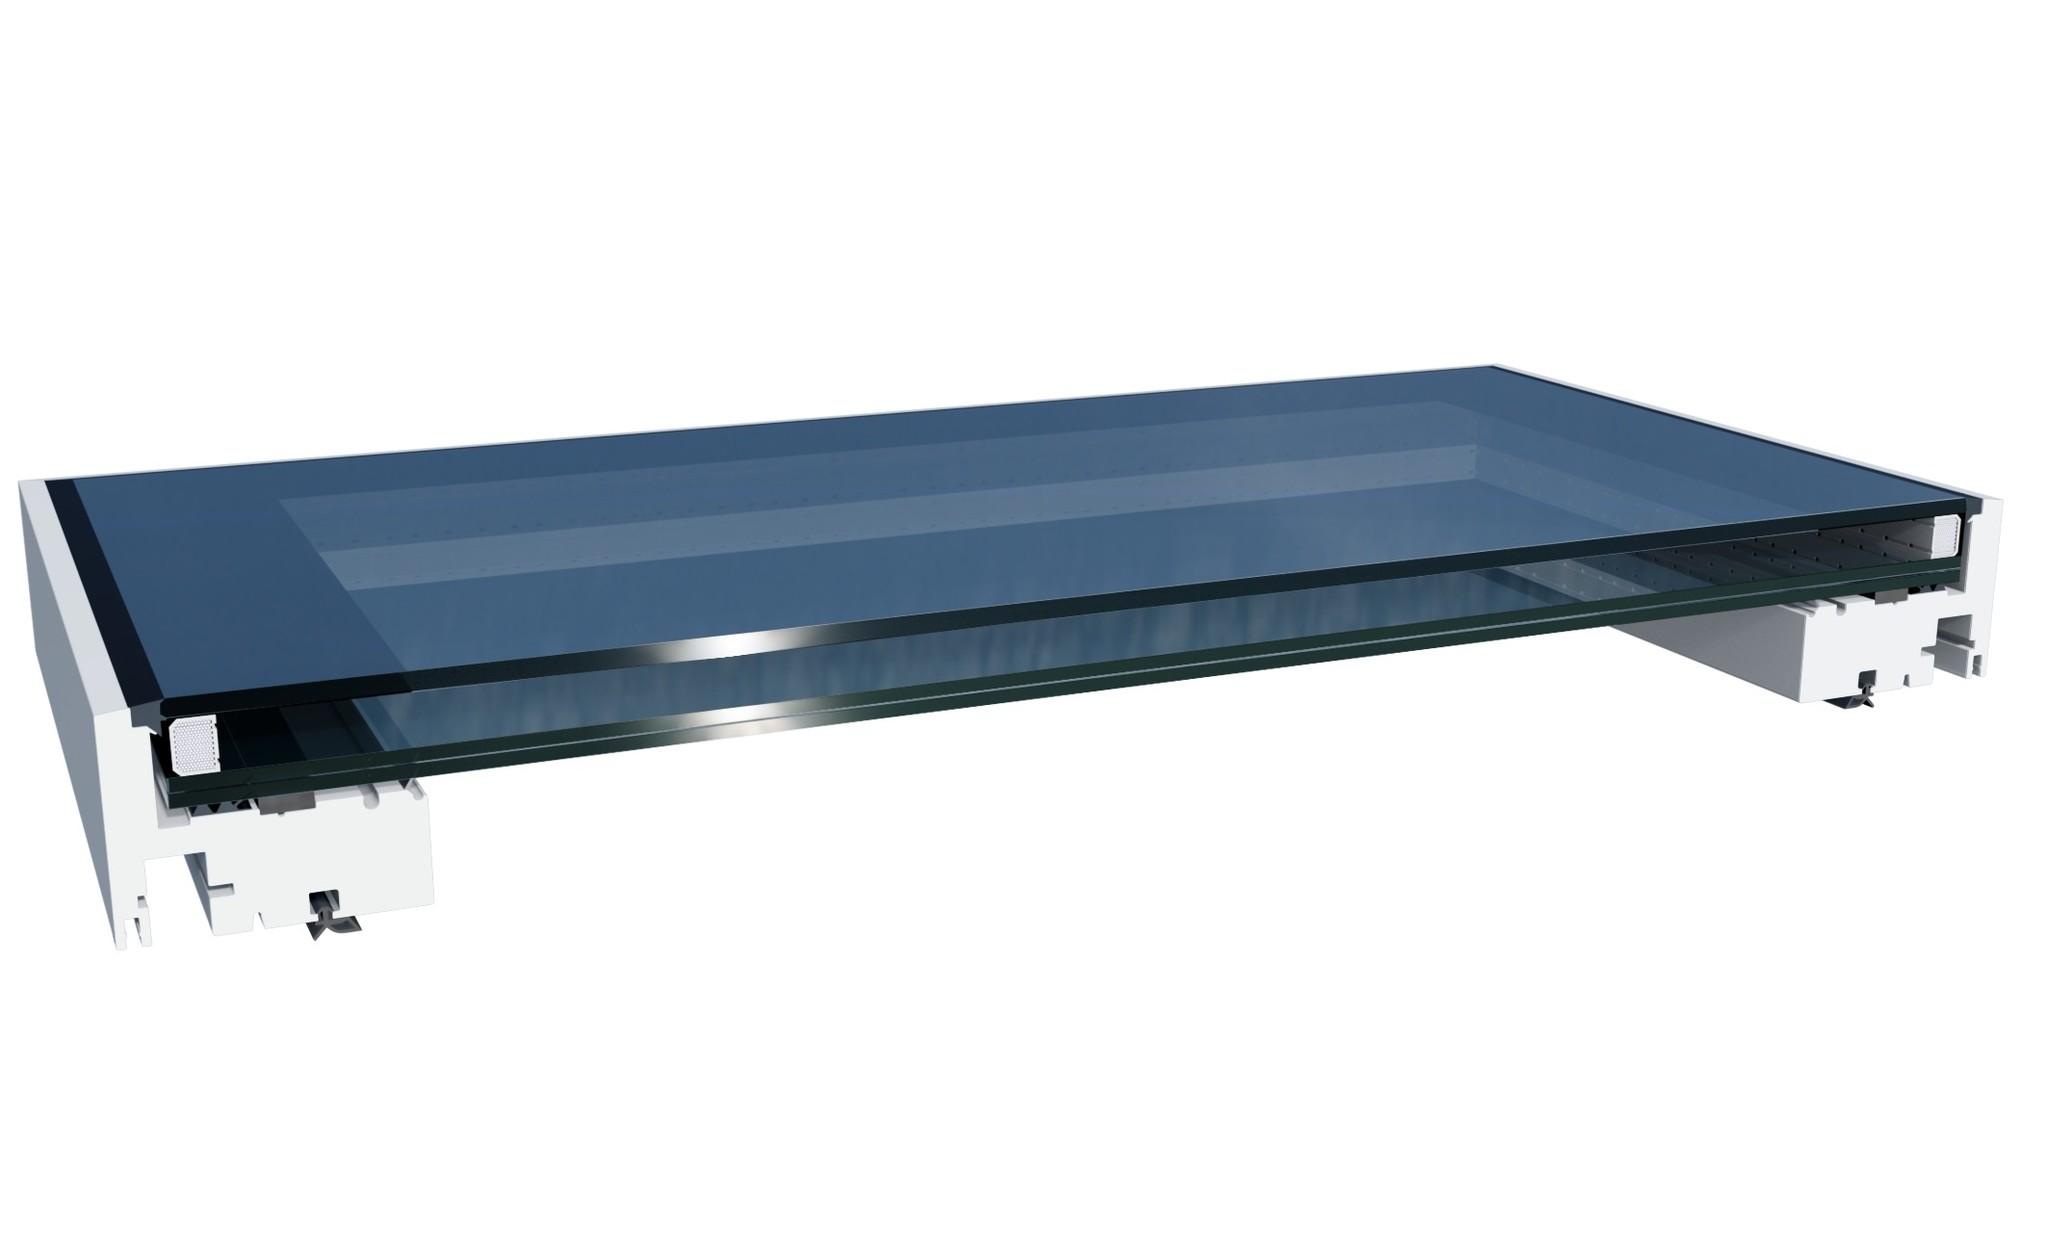 Intura - Lichtkoepel renovatiemodule Intura DGP A1 110x110cm - upgrade oude lichtkoepels